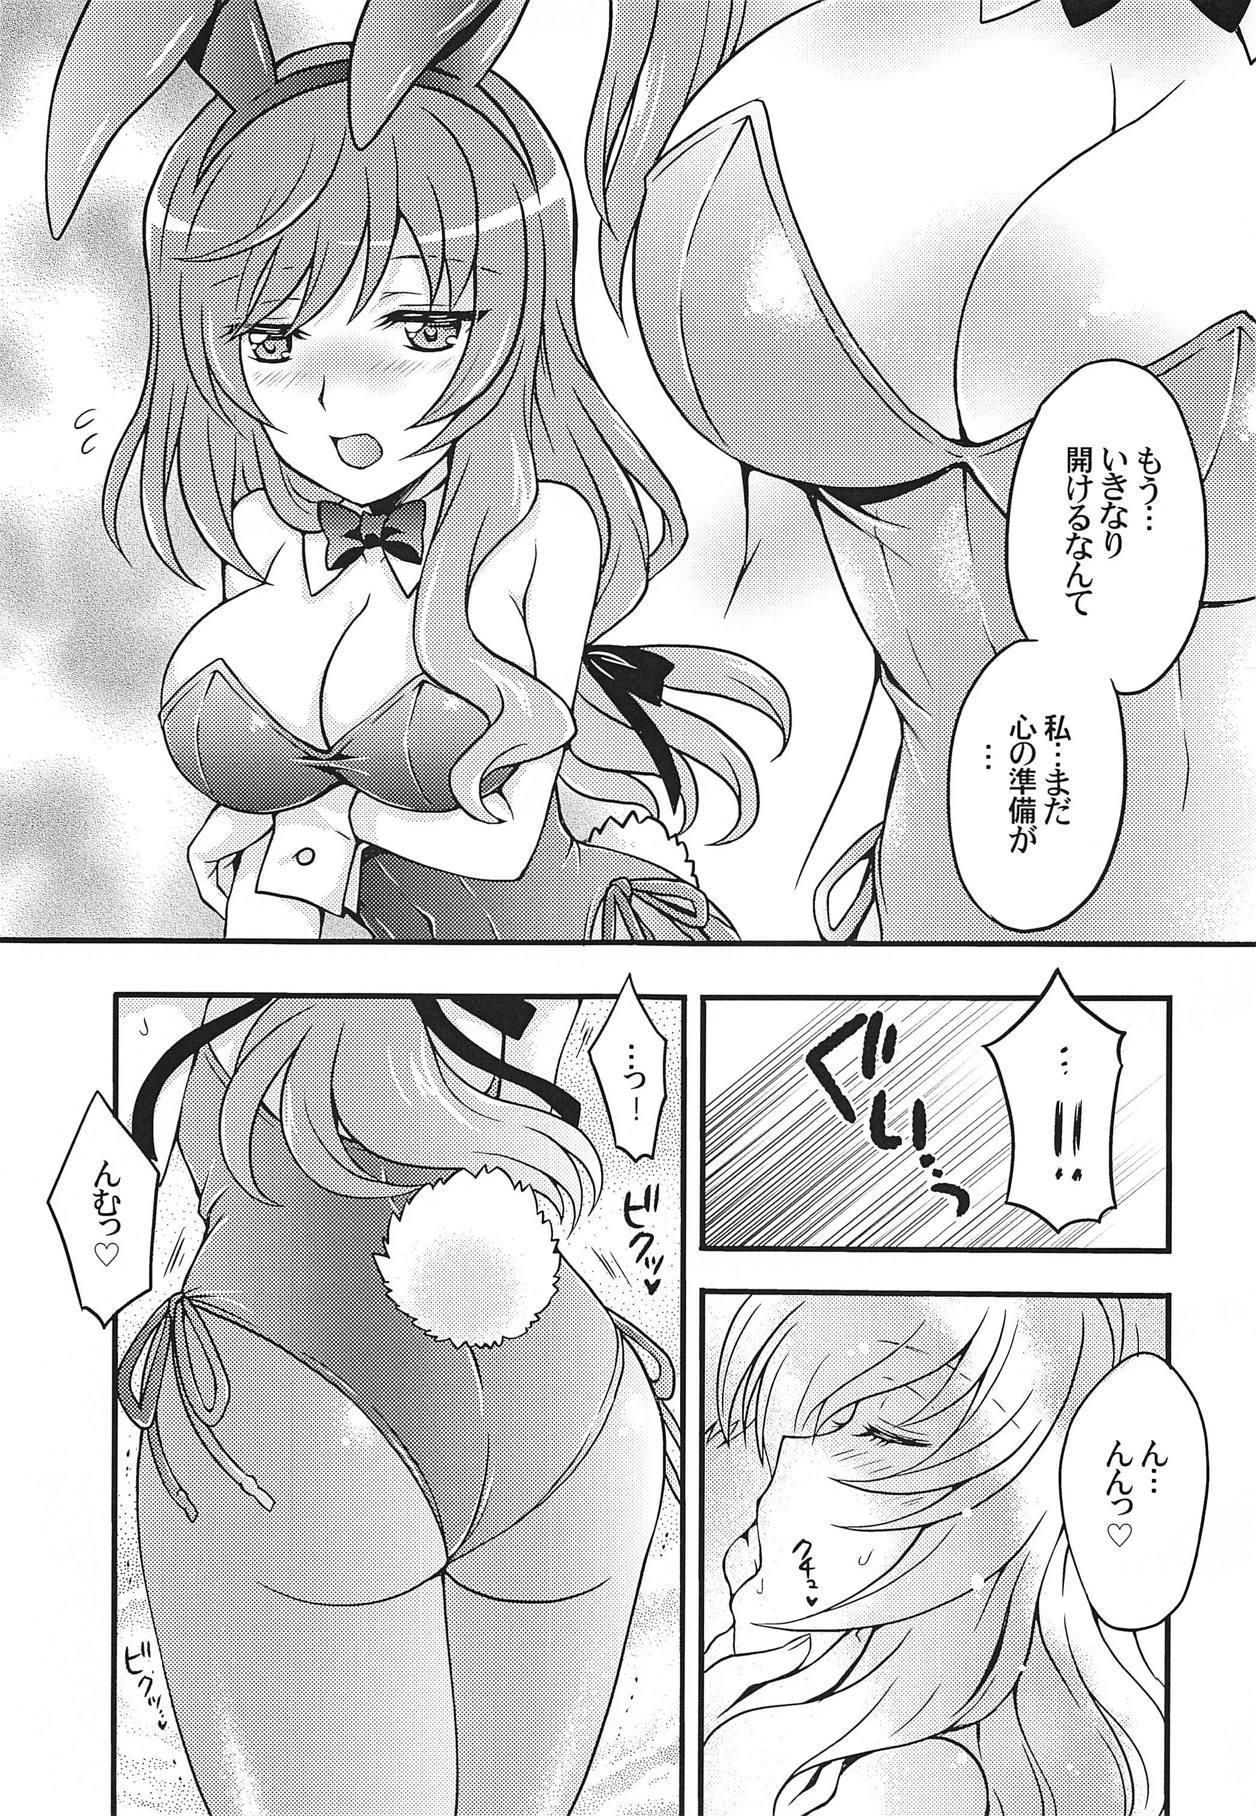 Chiyo-san wa, Senzoku Bunny Girl 5